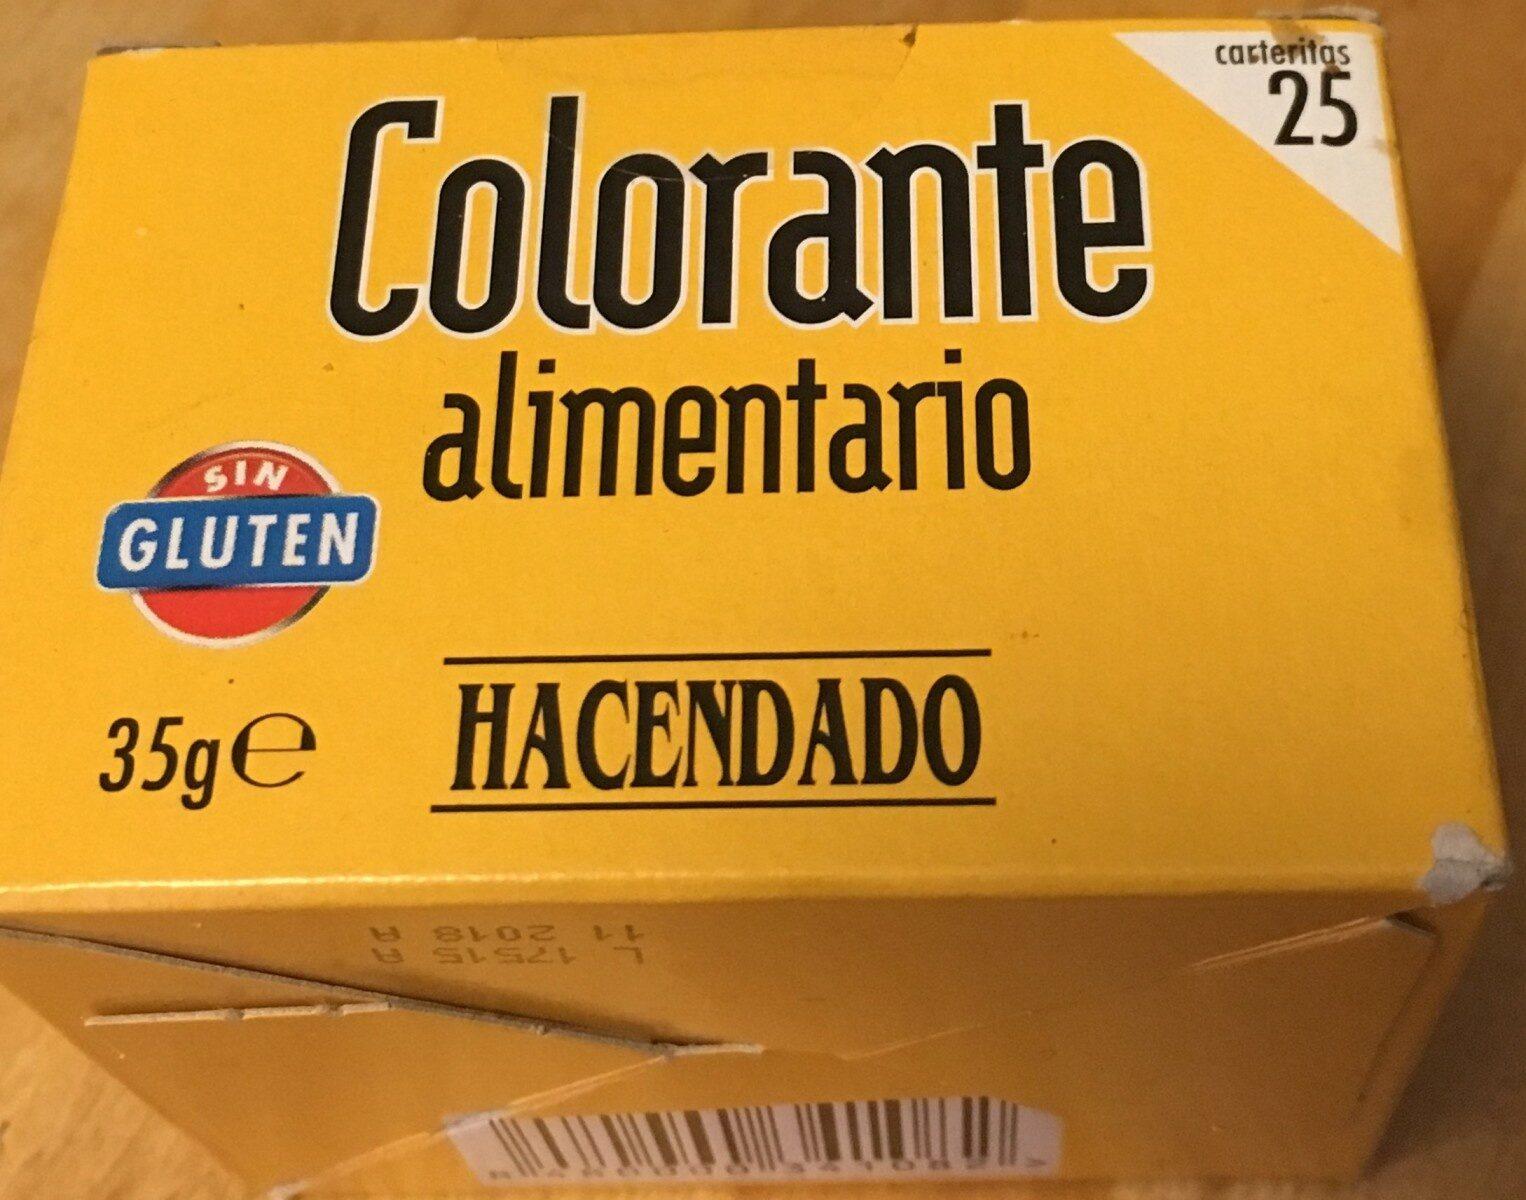 Colorante alimentario - Produit - es